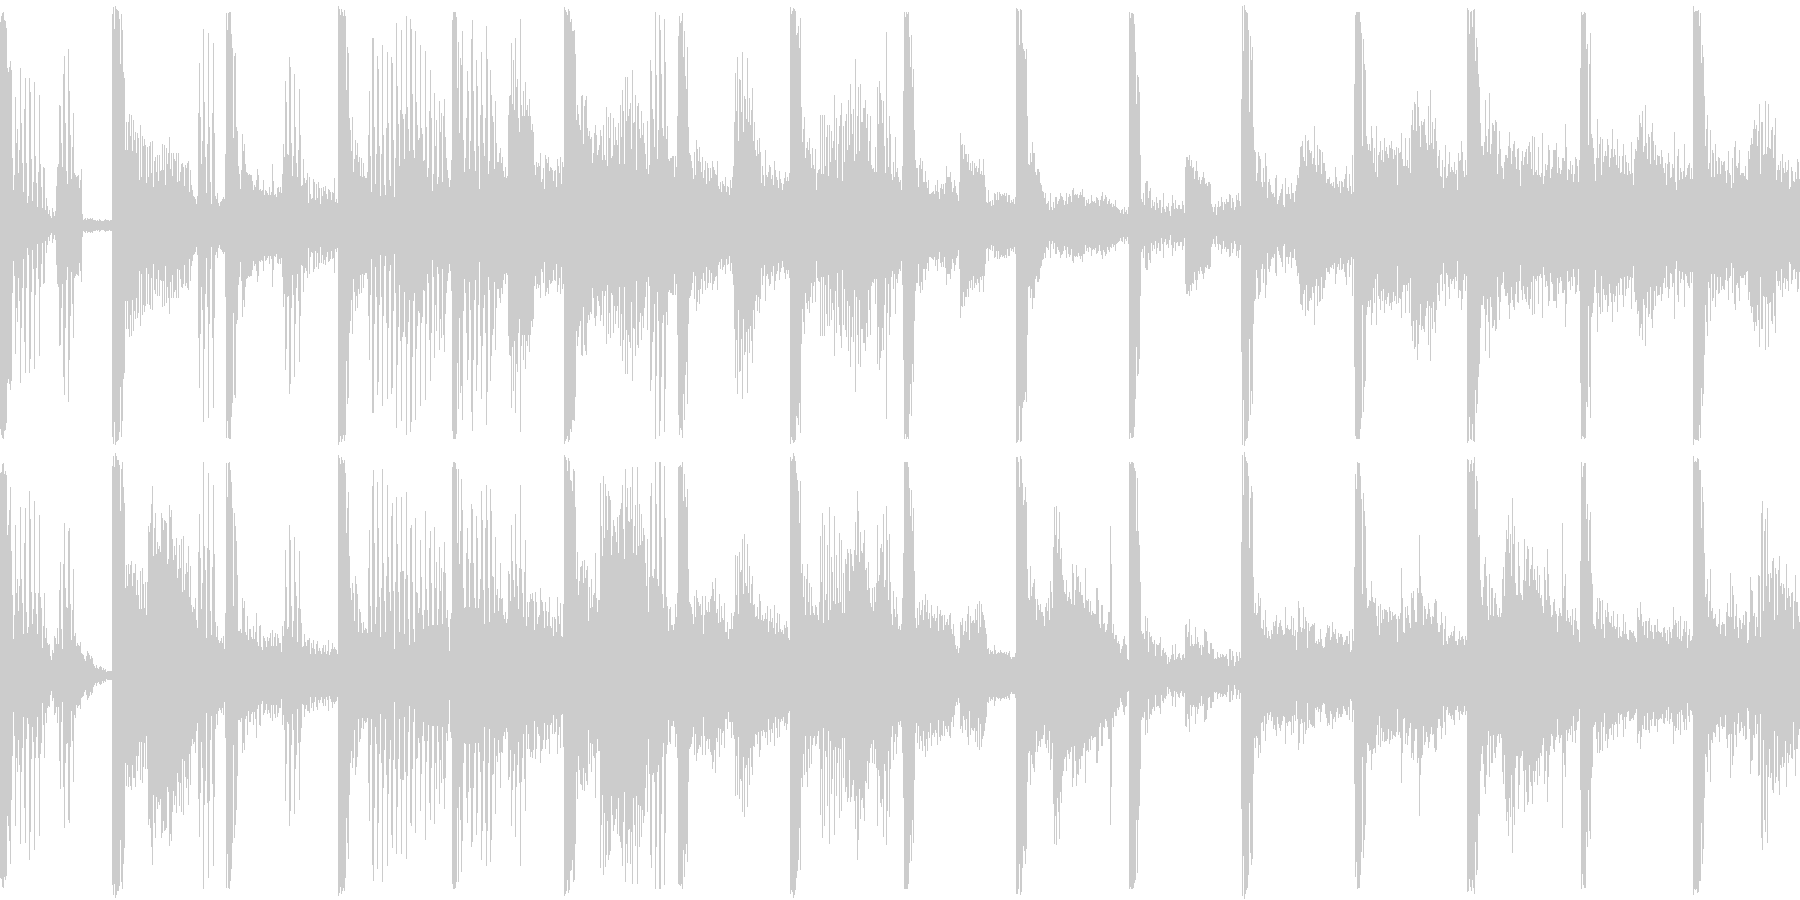 企画説明/ギターカット/ポップ/BGMの未再生の波形